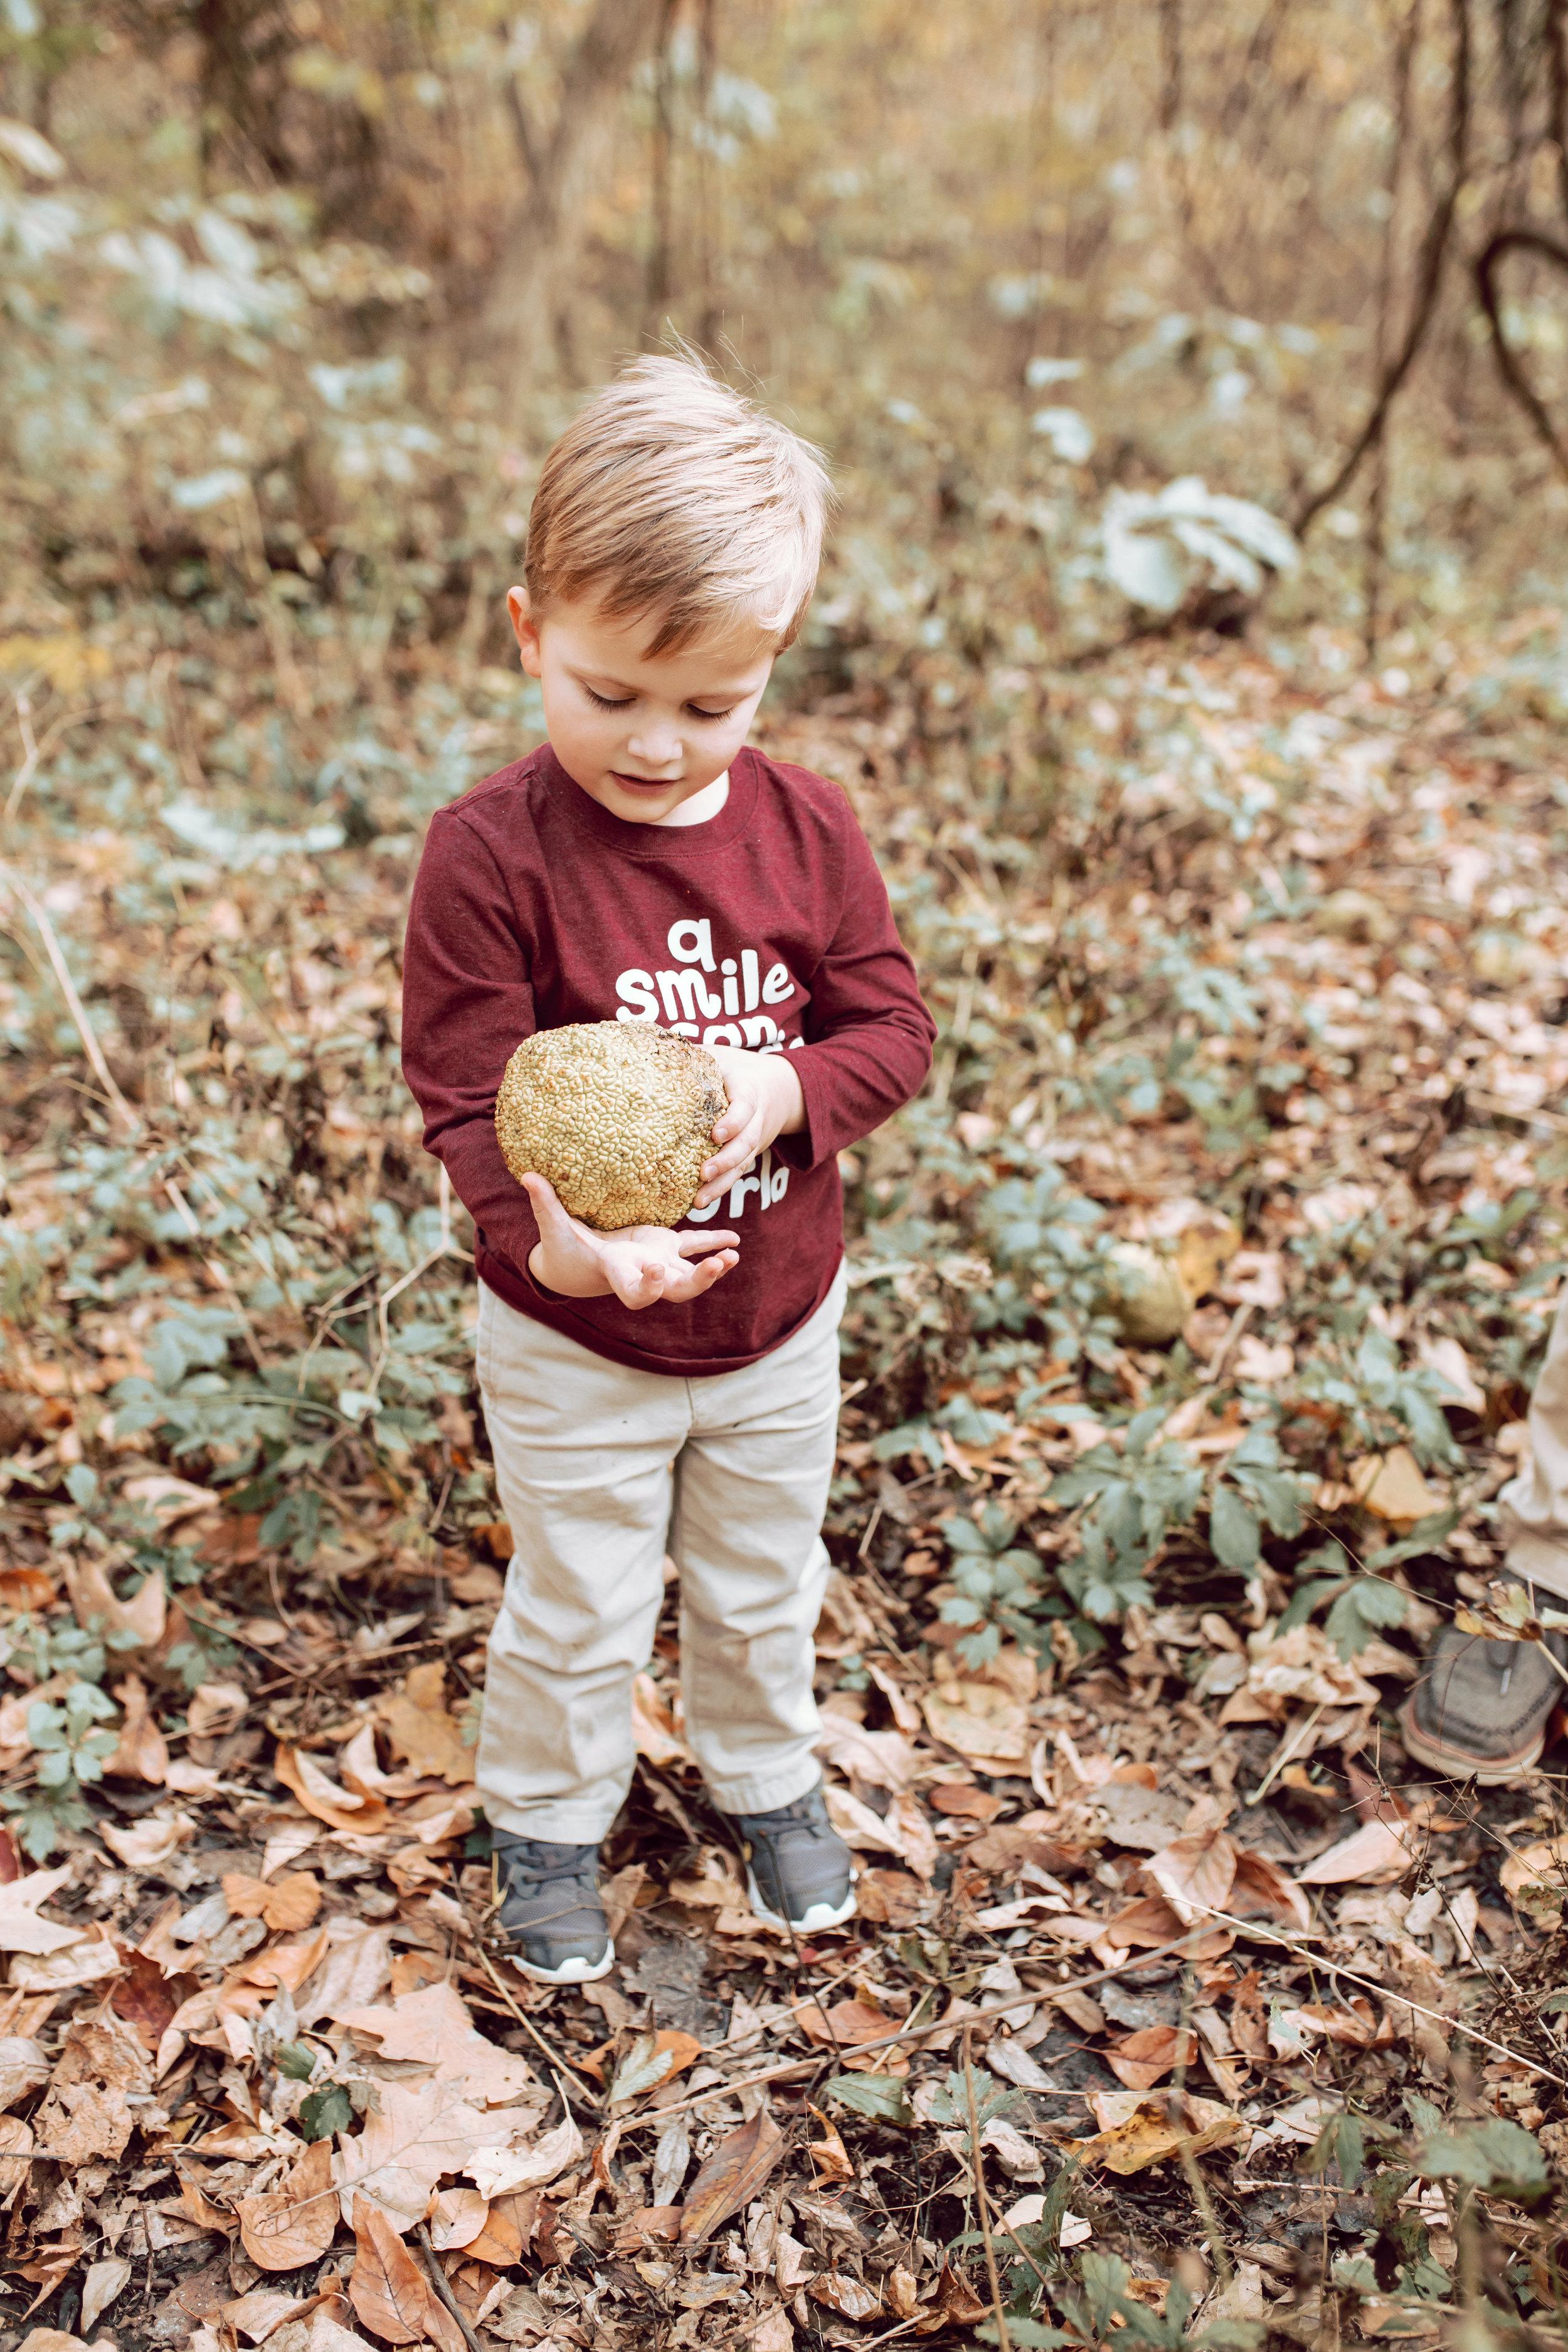 boy finds a dinosaur egg in overton park